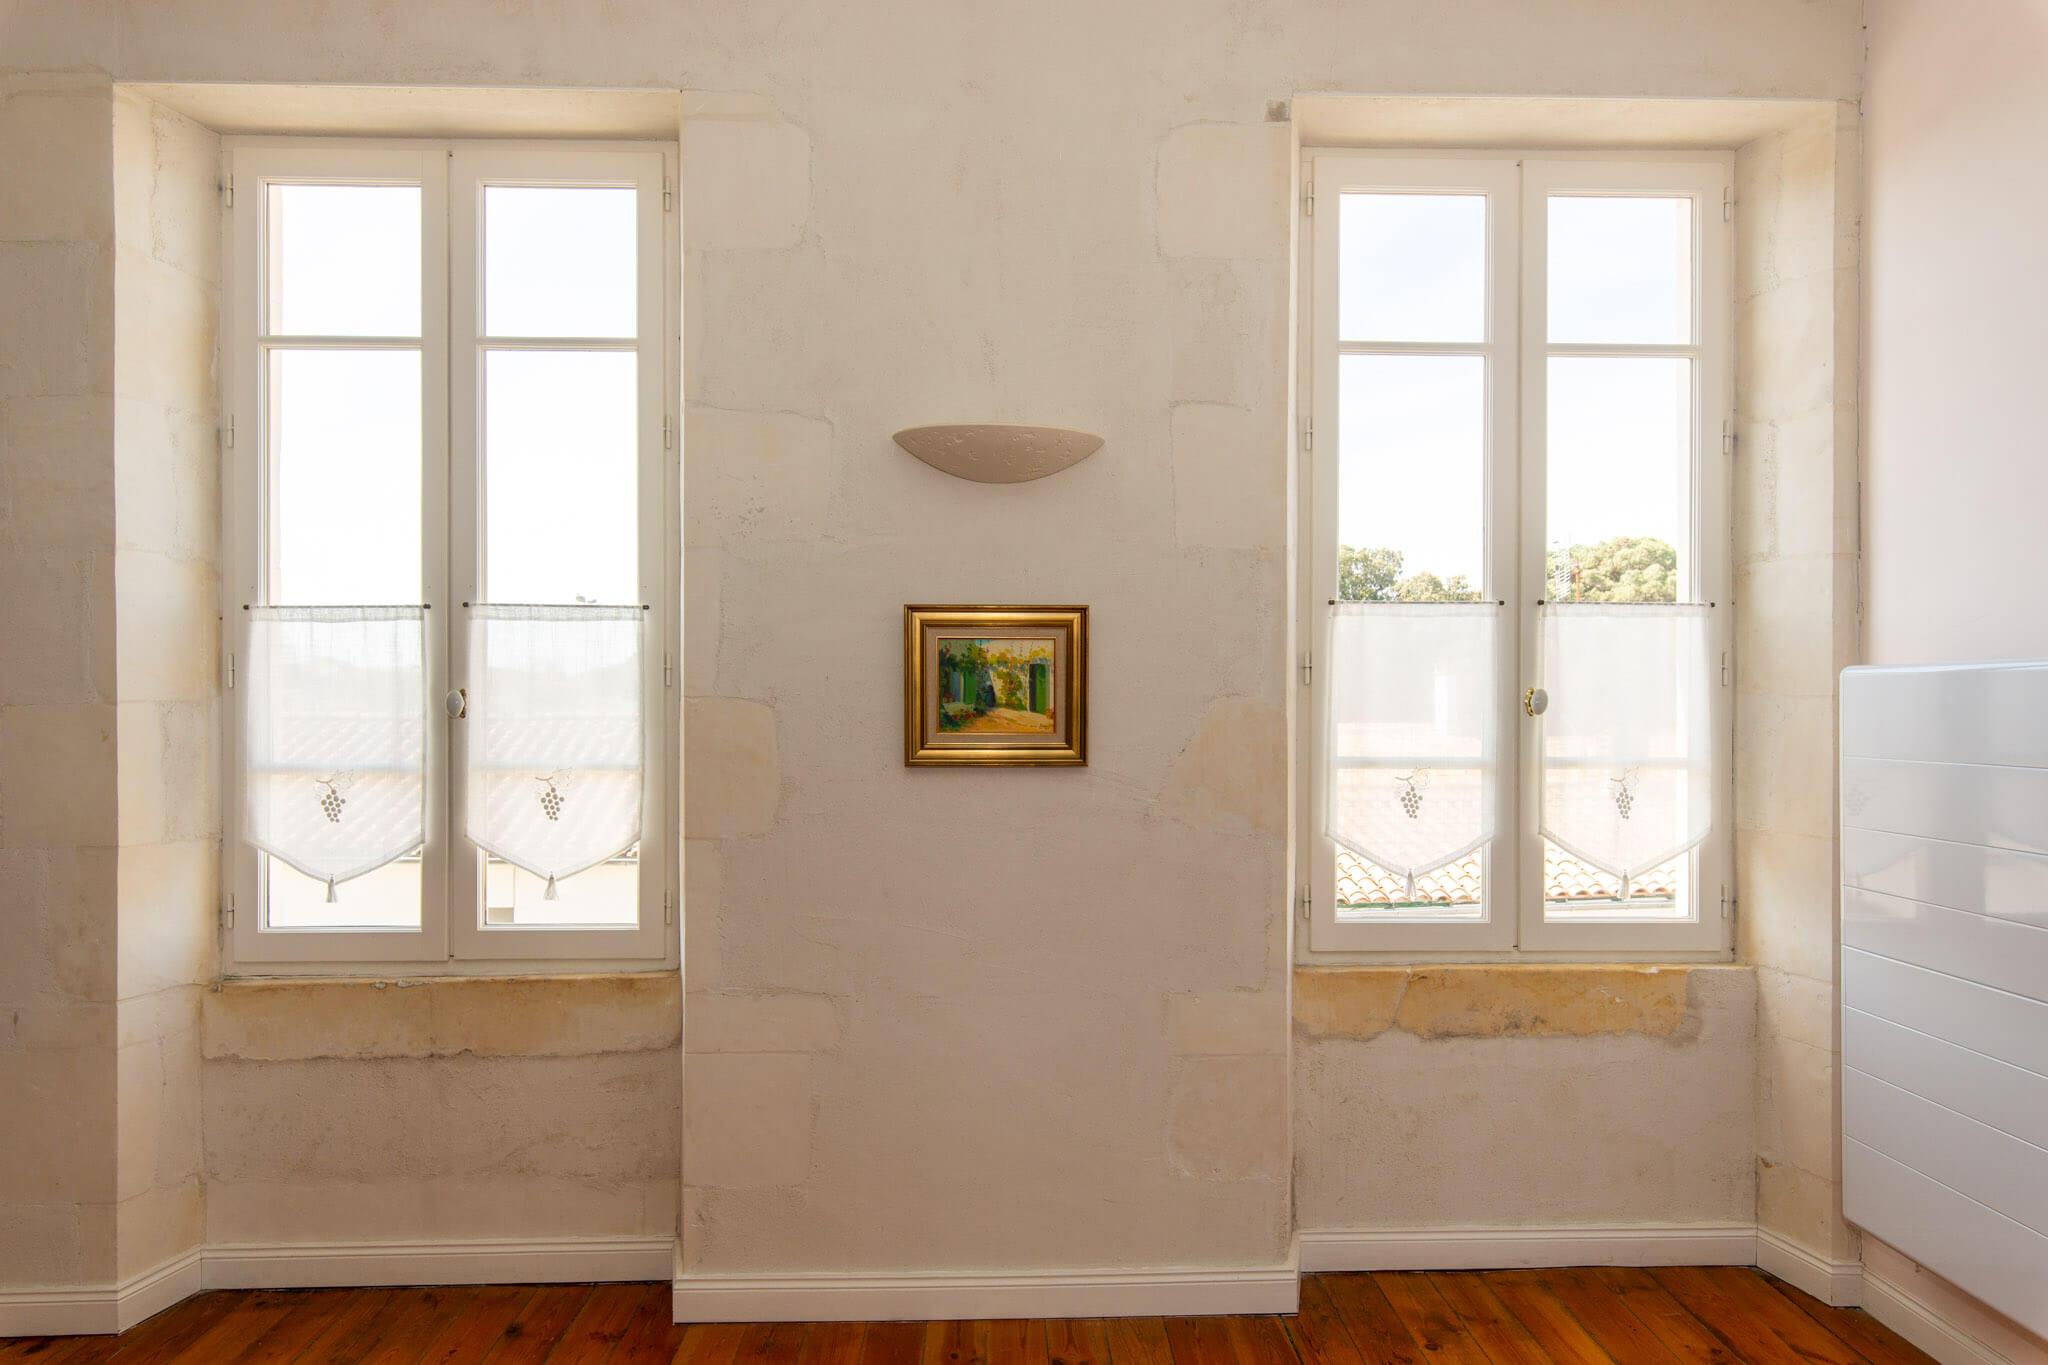 equilibre-studio-architecte-la-rochelle-ile-de-re